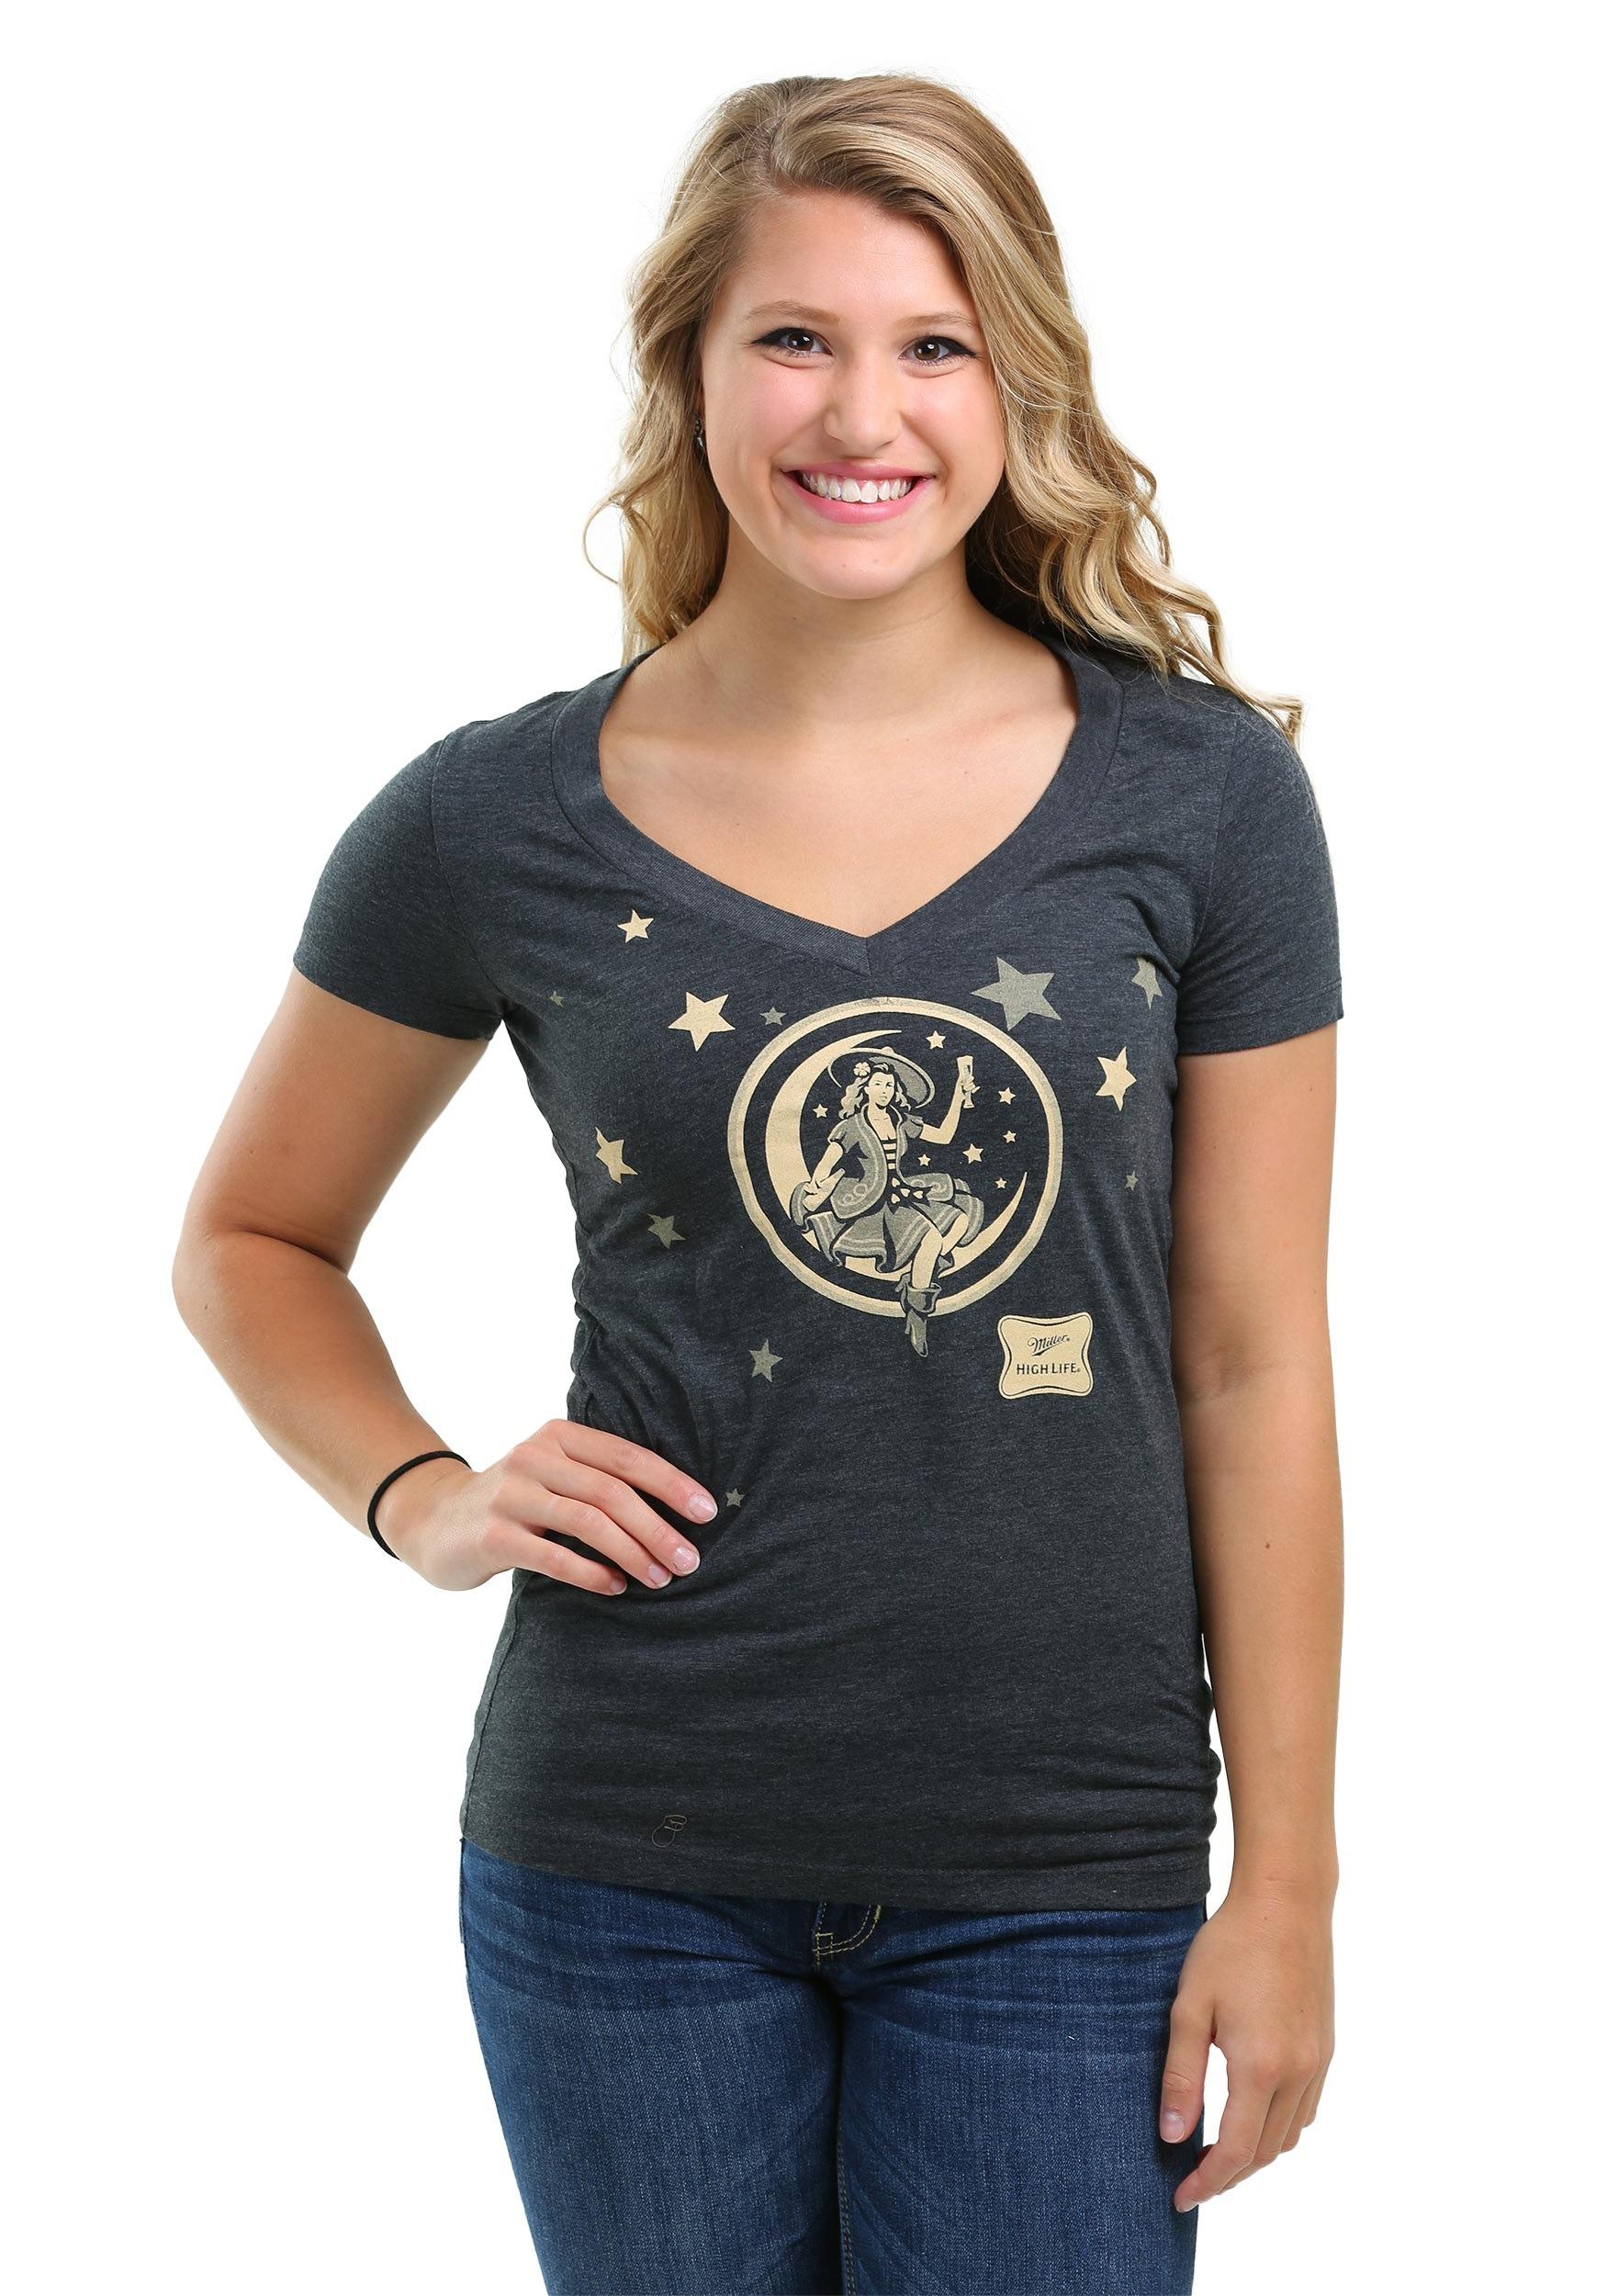 Miller high life moon girl v neck t shirt for women for V neck shirt for women